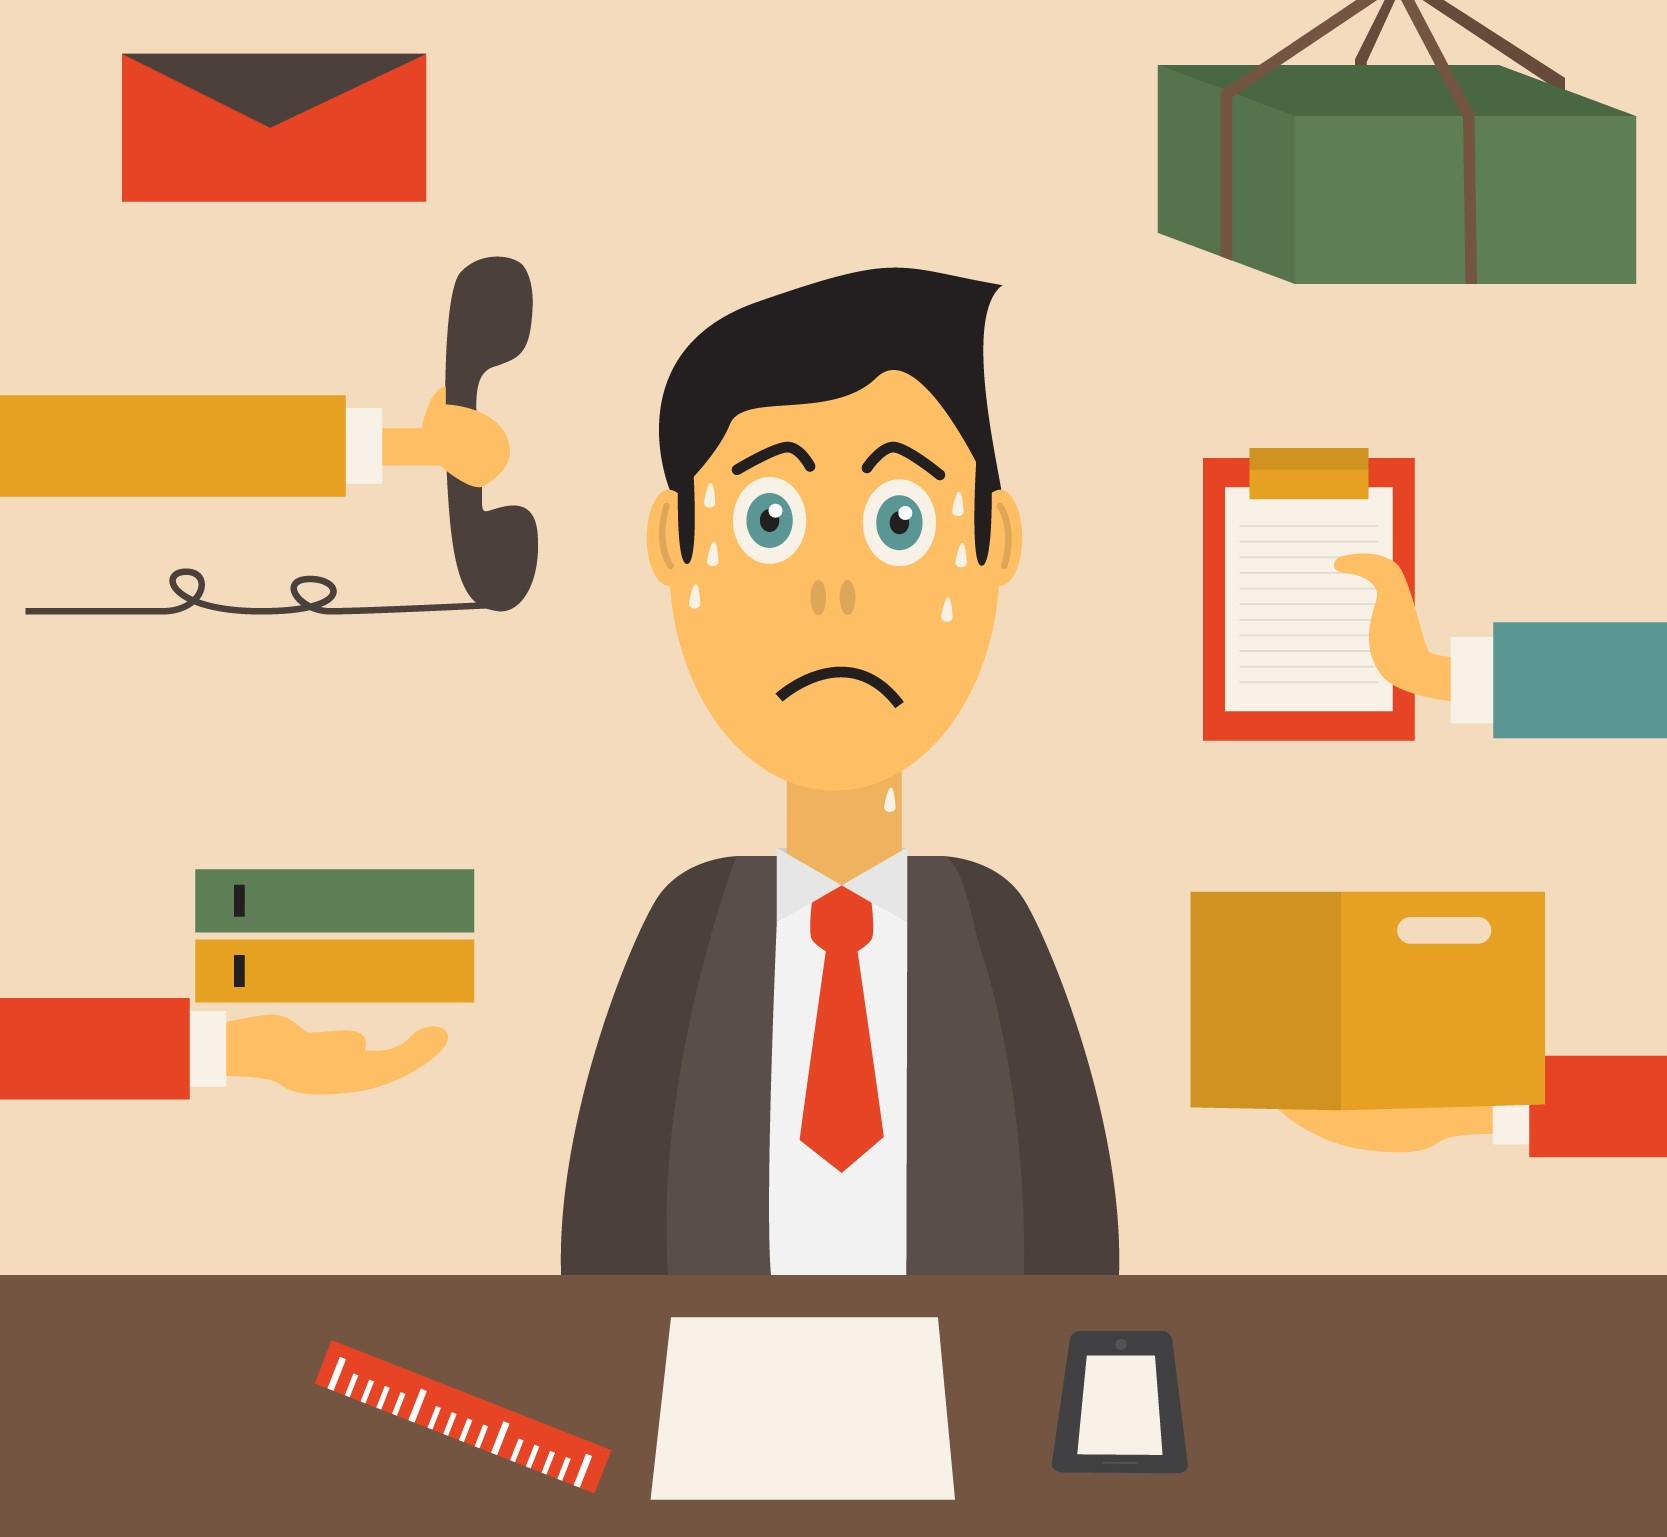 Uma tática simples para diminuir o estresse no trabalho